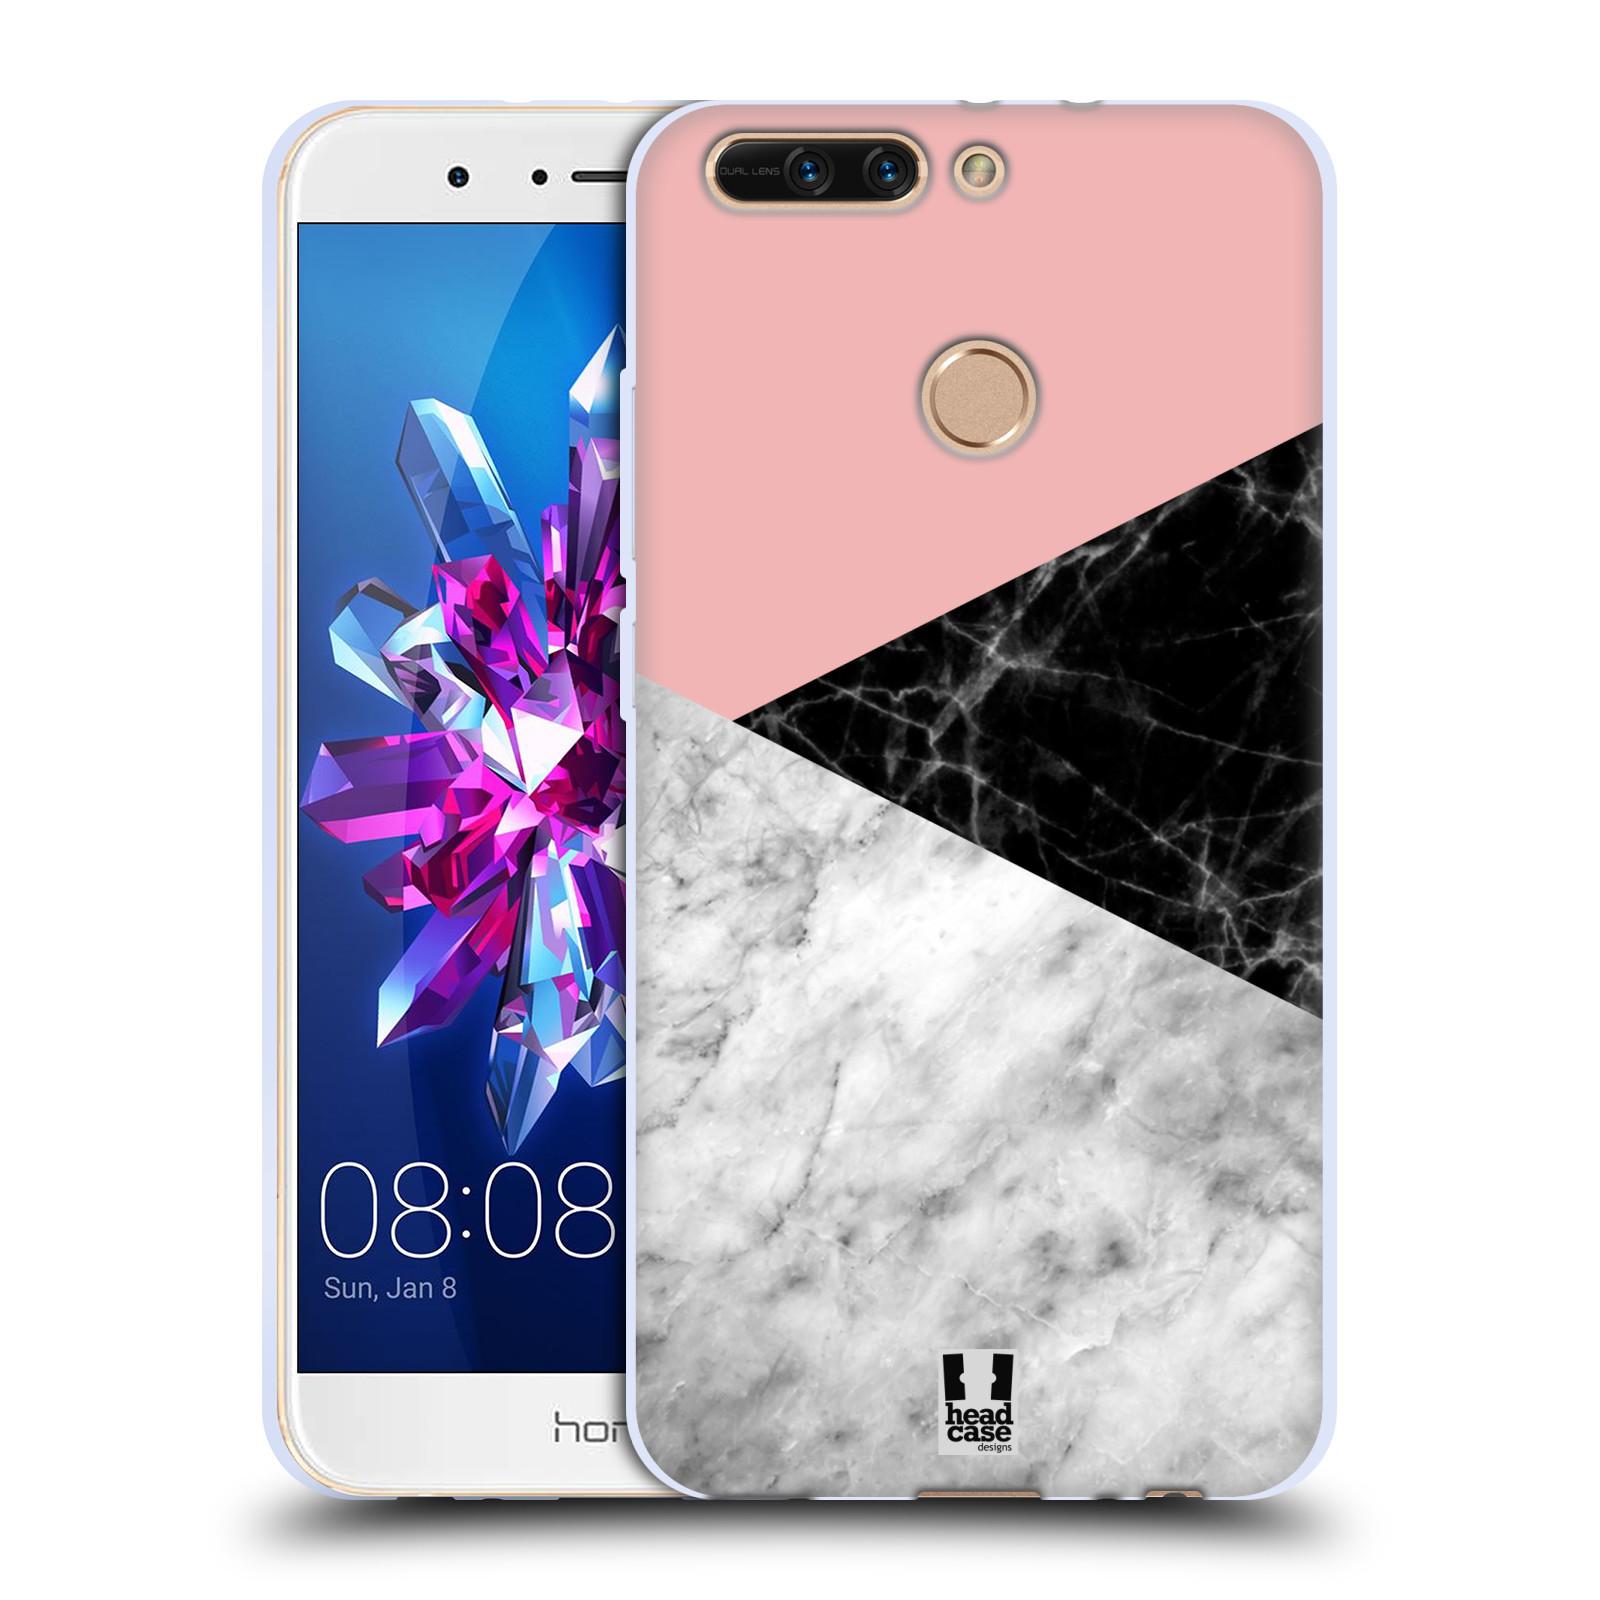 Silikonové pouzdro na mobil Honor 8 Pro - Head Case - Mramor mix